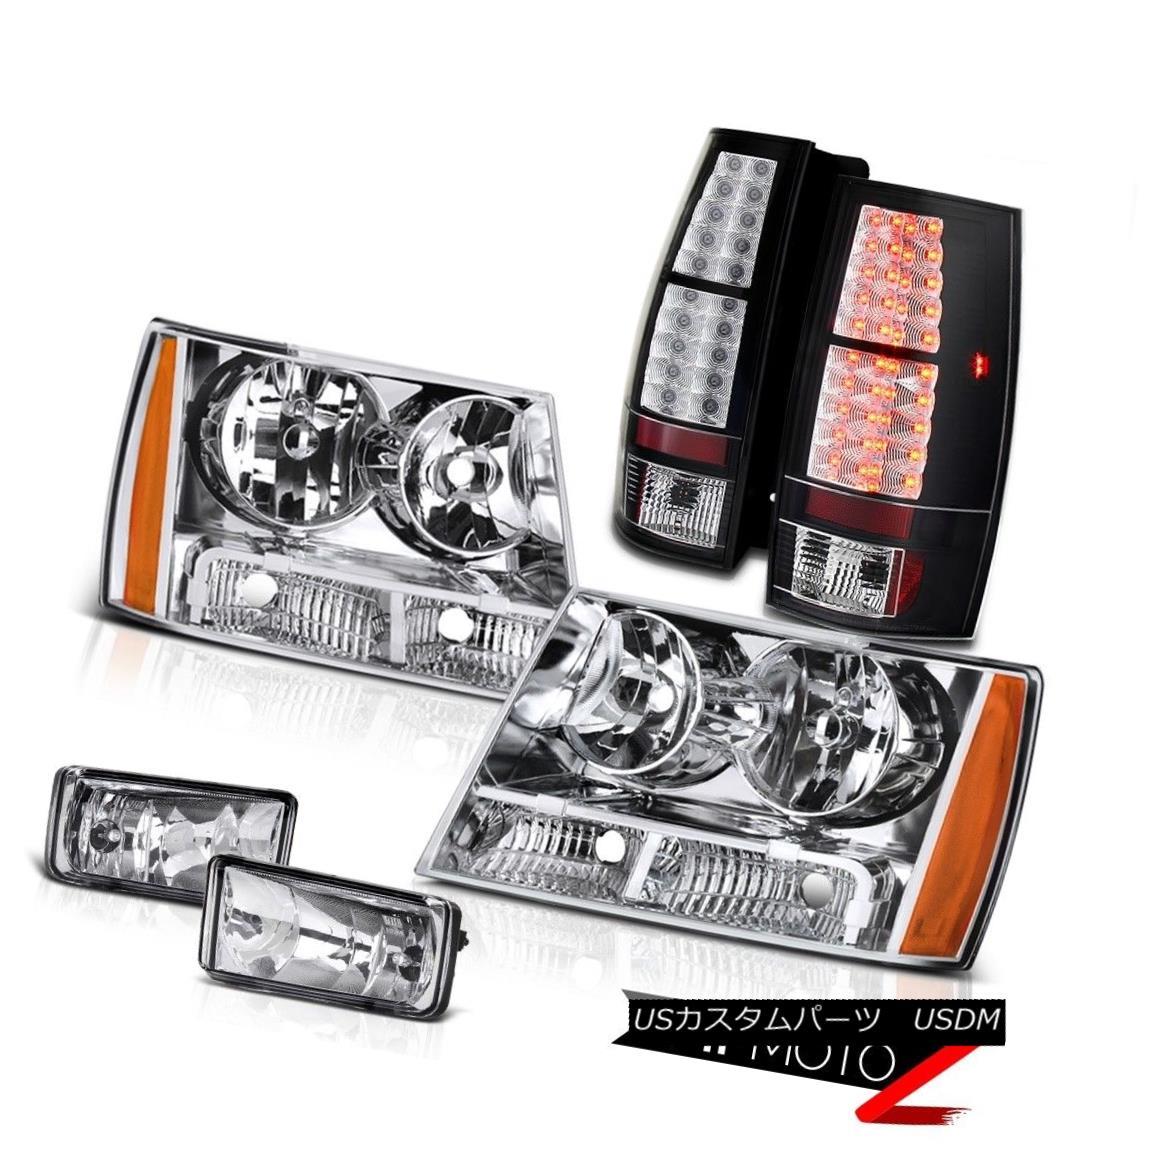 テールライト 2007-2014 Chevrolet Suburban Tahoe Chrome Front Signal Headlight+LED Tail Light 2007-2014シボレー郊外のタホのクロームフロントシグナルヘッドライト+ LEDテールライト